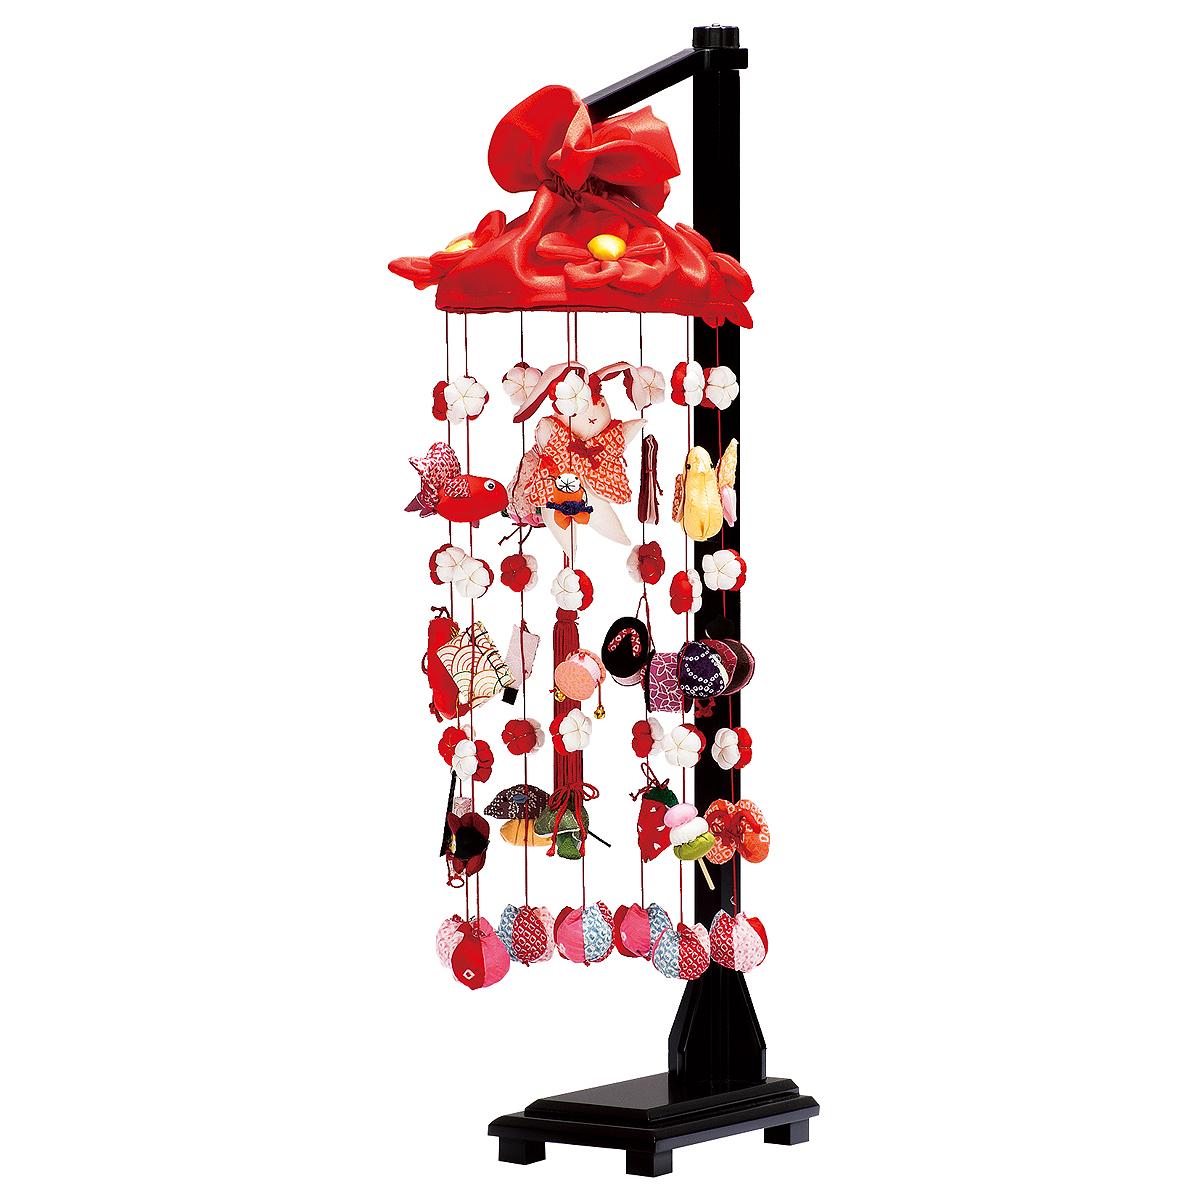 正絹雪輪兔(中) スタンド付 TRS-H-332373送料無料 ※北海道 沖縄は除く つるし雛 吊るし飾り で 桃の節句 雛祭り ひな祭り 雛人形 のお祝いに